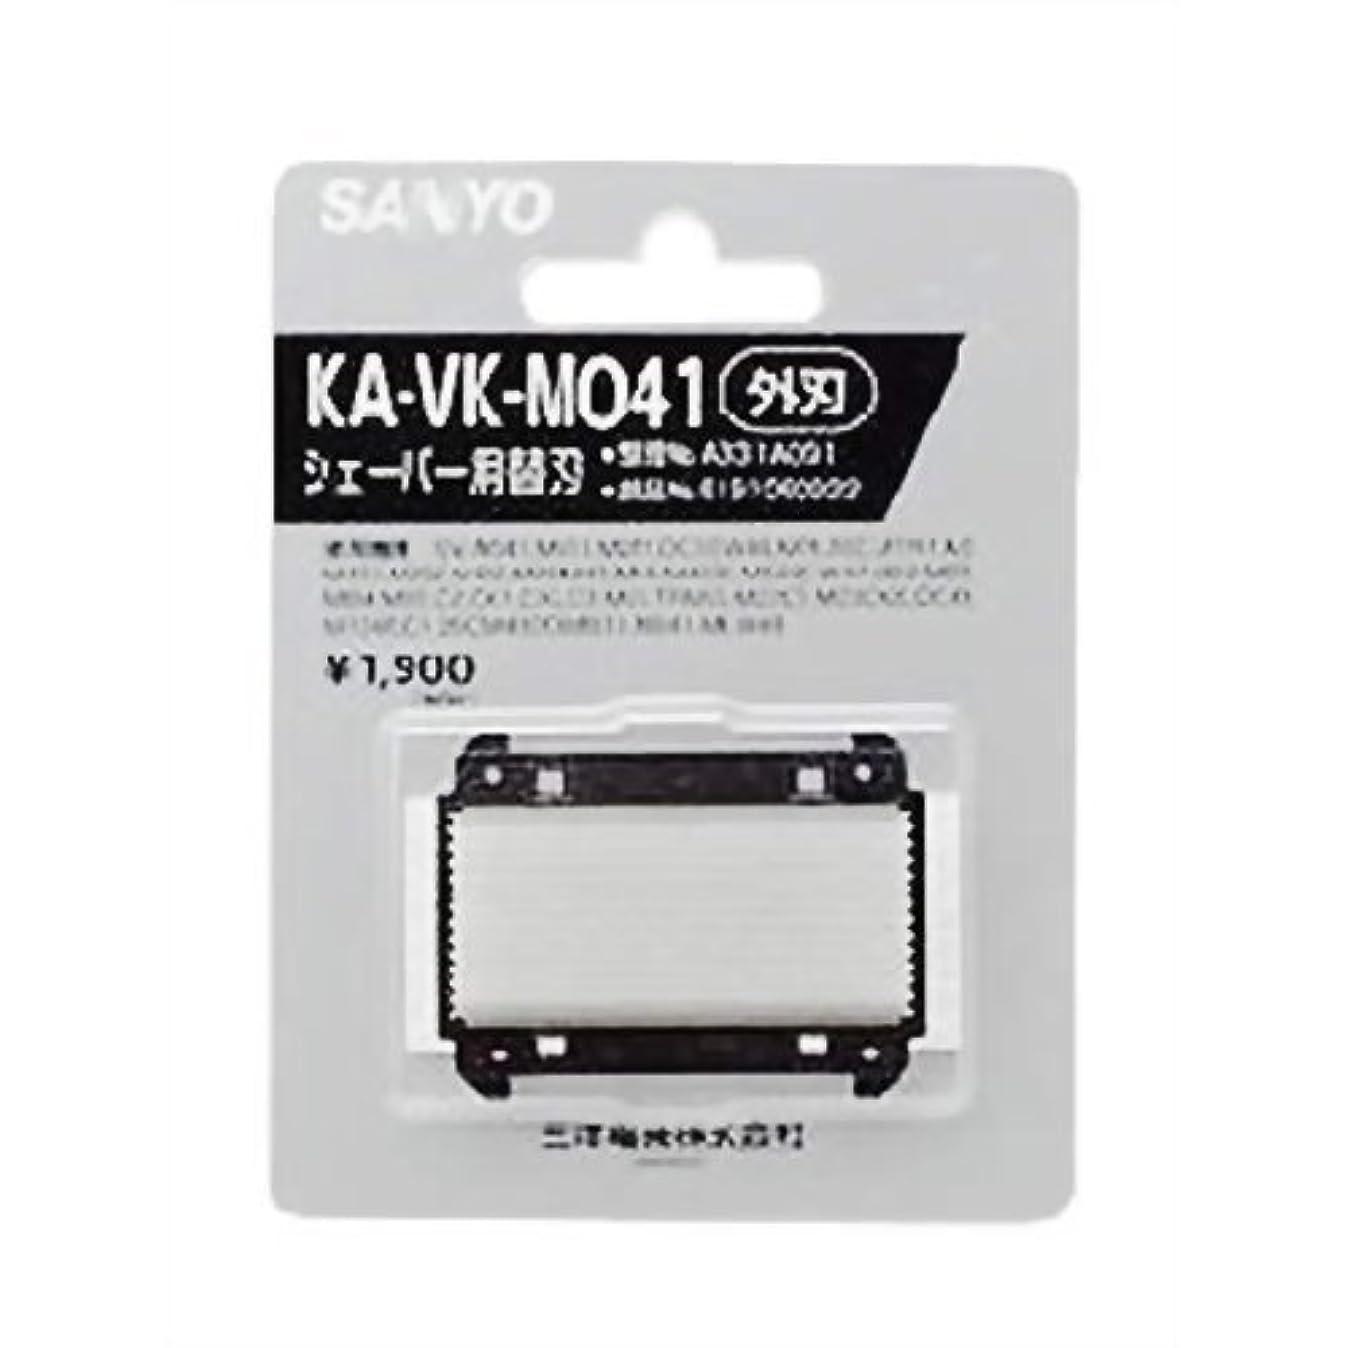 思慮深い乱す囲いSANYO シェーバー用替刃 外刃 KA-VK-M041